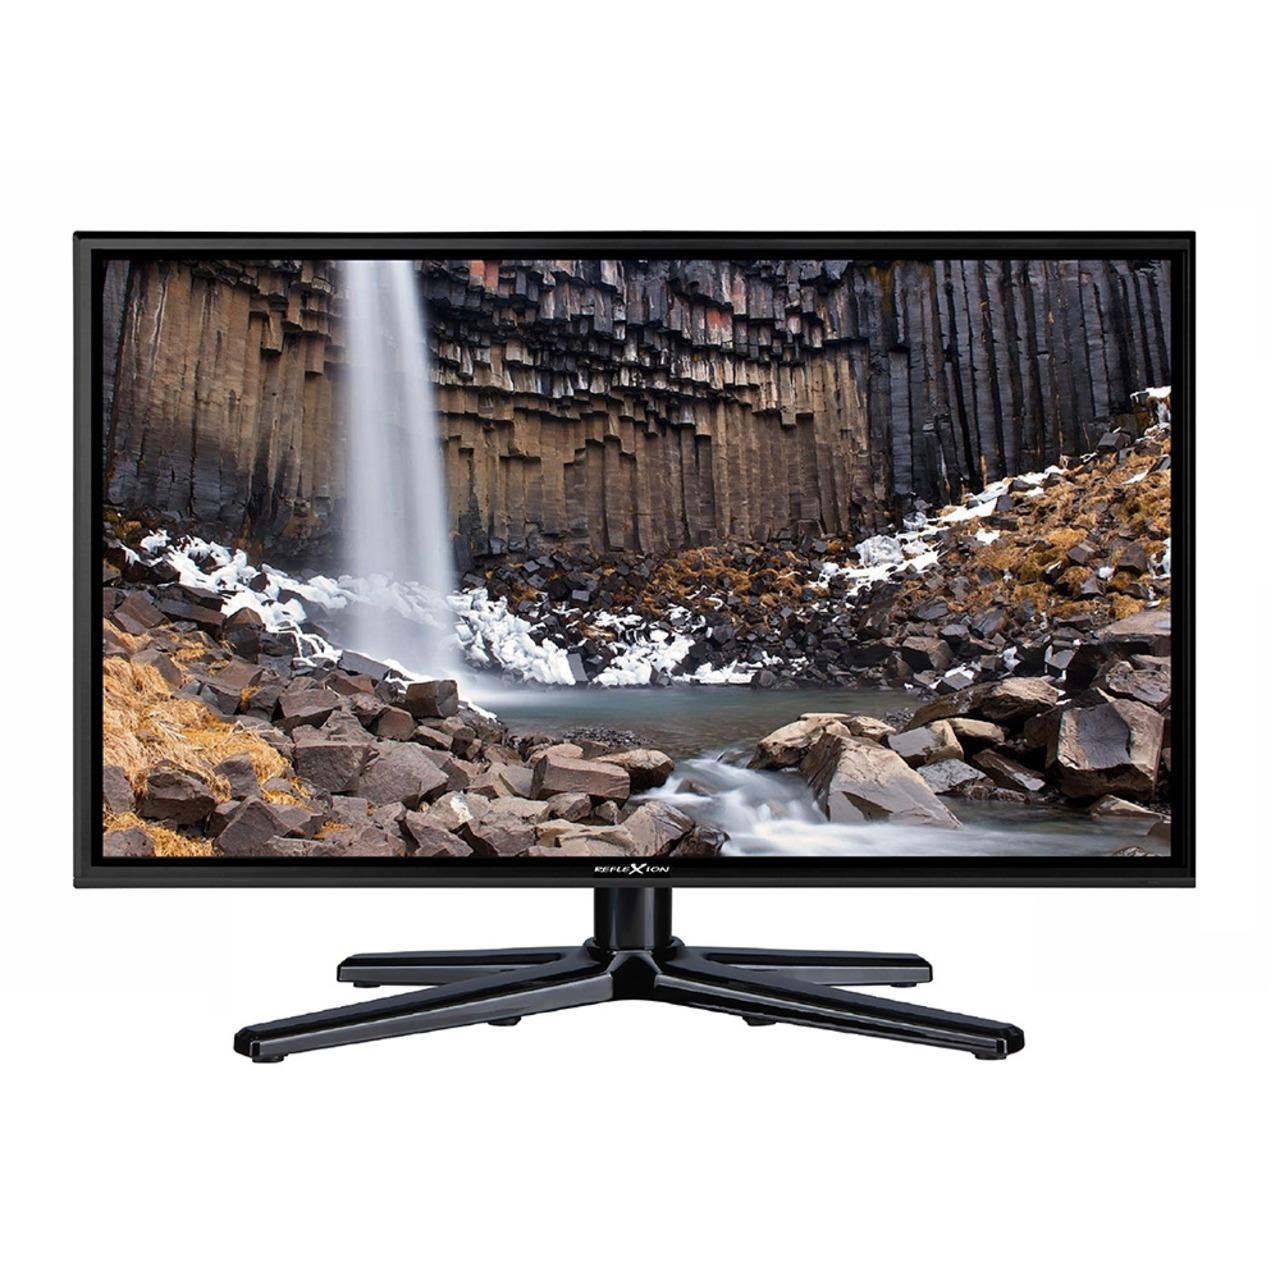 Reflexion 4-in-1-LED-TV LEDW220- 55 cm (21-5)- DVB-S-S2-C-T-T2- H-265-HEVC- 1080p- 12-V-Anschluss